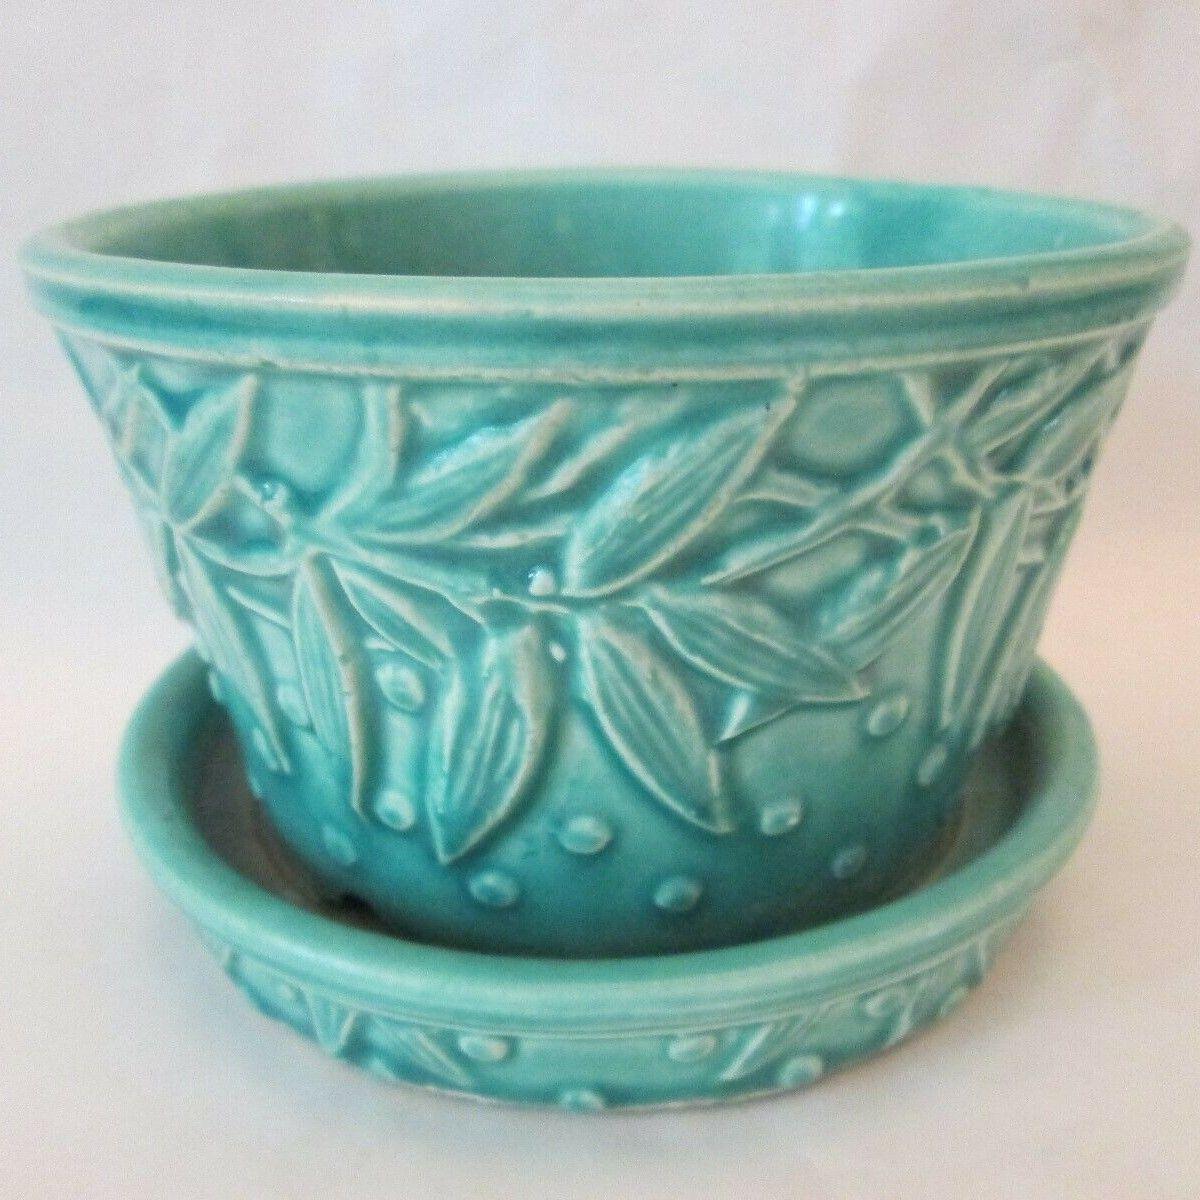 Violet Flower Pot W Saucer Vintage Mccoy Art Pottery Turquoise Hobnail Leaf Ebay Mccoy Flowerpots Planters Ebay Turq In 2020 Flower Pots Pottery Art Pottery